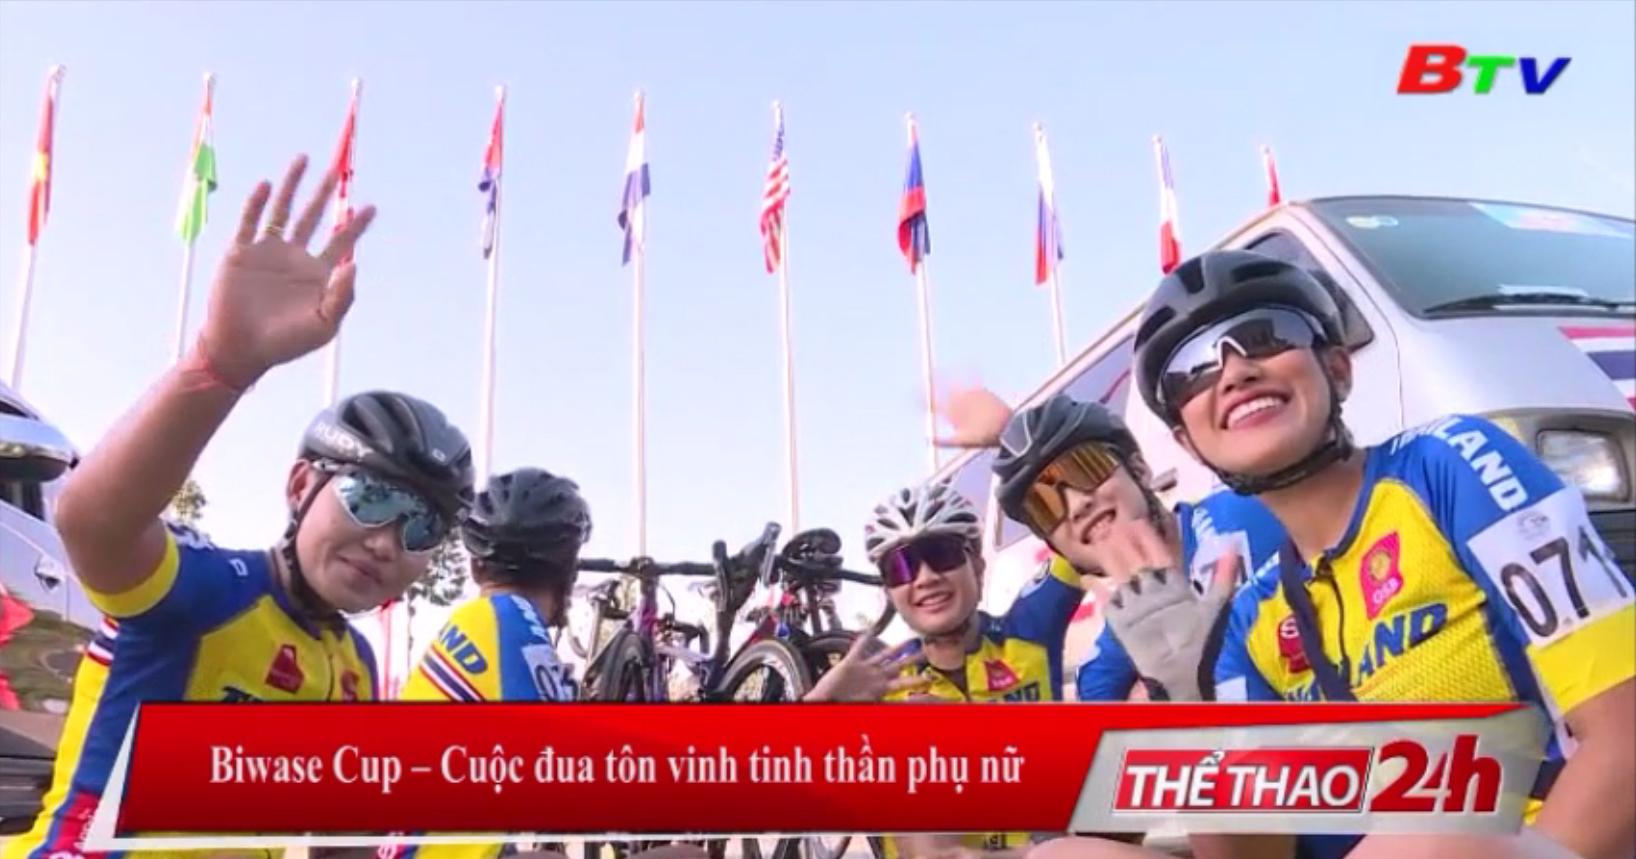 Biwase Cup - Cuộc đua tôn vinh tinh thần phụ nữ